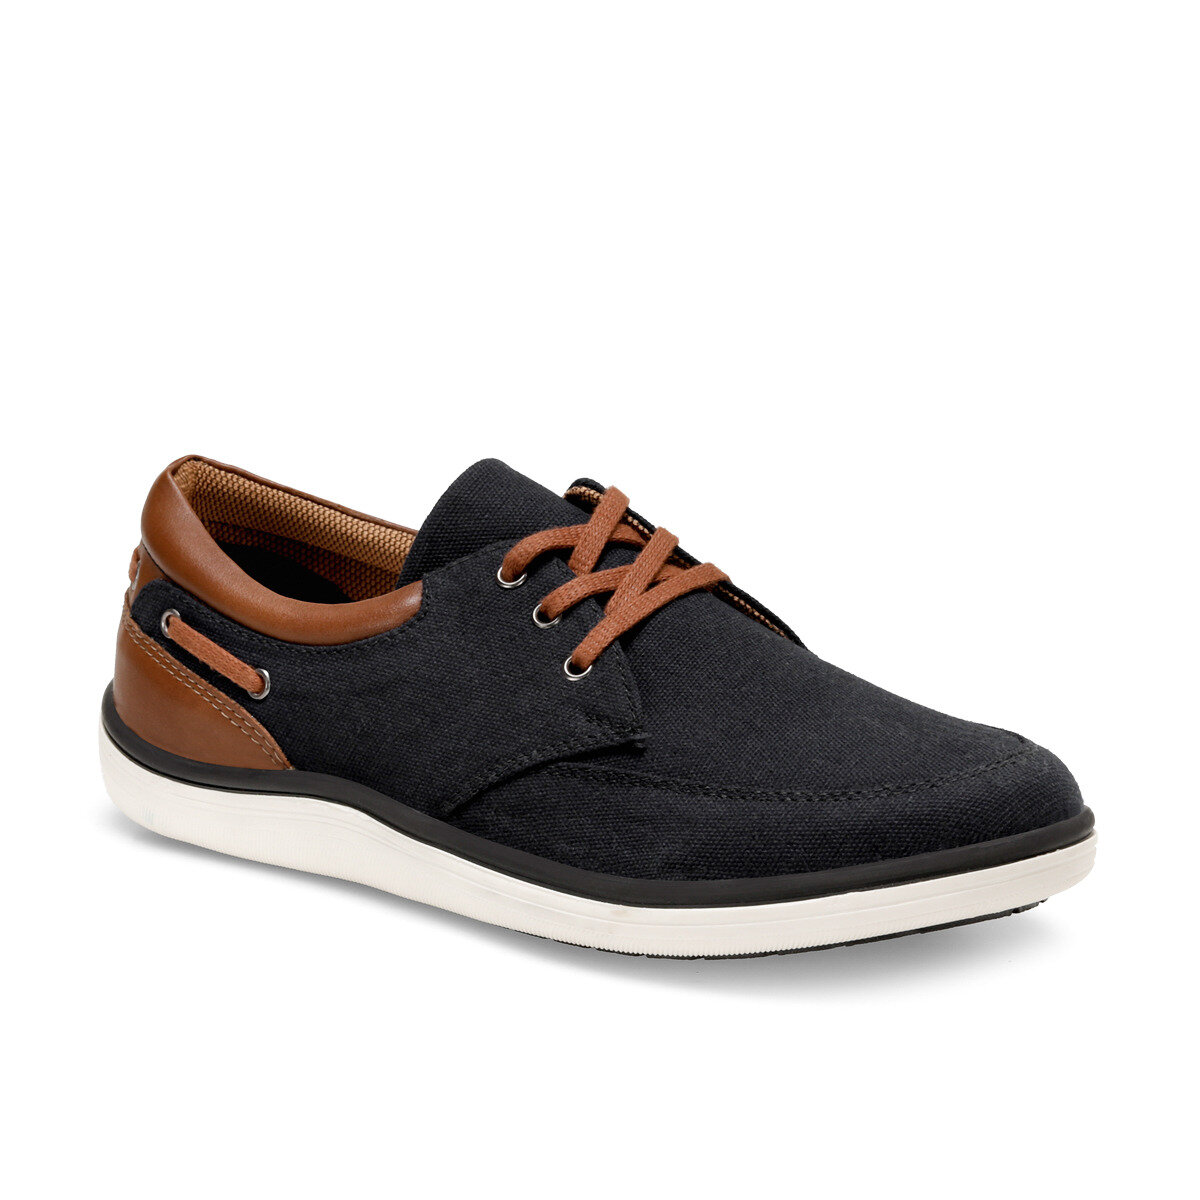 FLO LG-02 C Anthracite Men Shoes Oxide